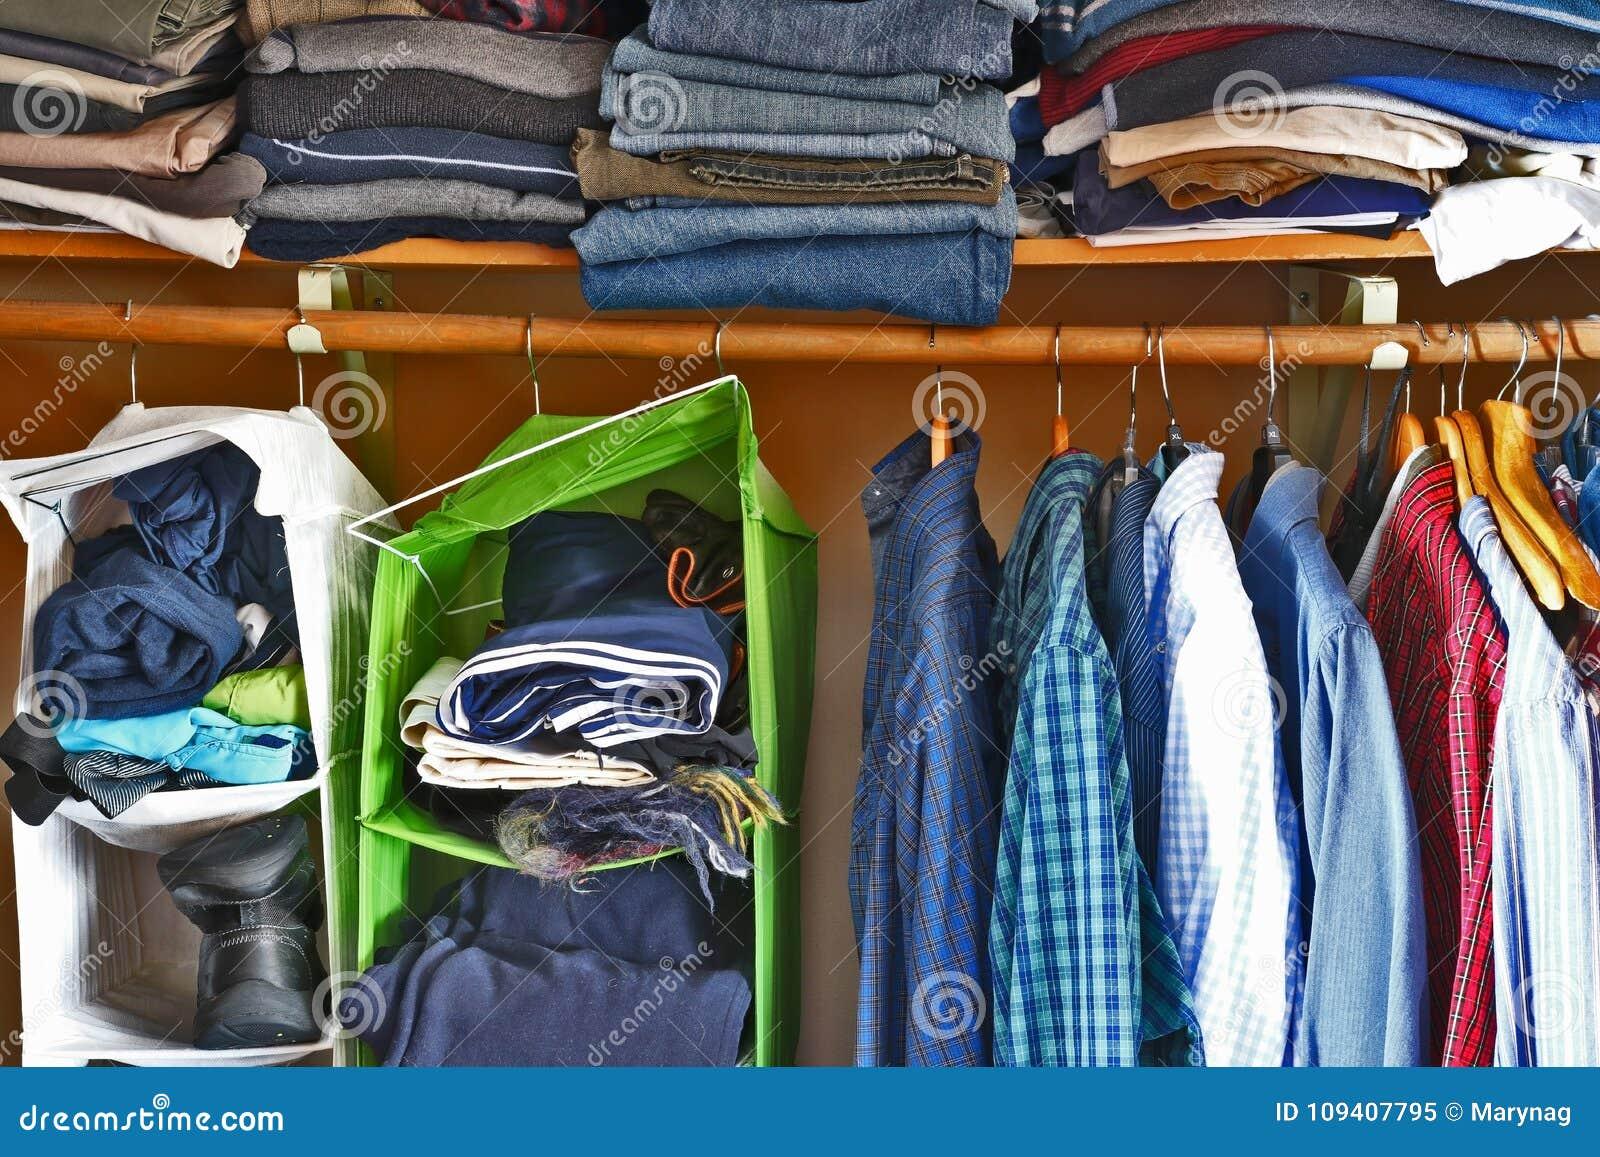 d95981dd6b7 Η ντουλάπα ατόμων με την ποικιλία των πουκάμισων που κρεμάστηκαν στις  κρεμάστρες και το σωρό του άλτη, των τζιν και των εσωρούχων βρέθηκε σε ένα  ράφι